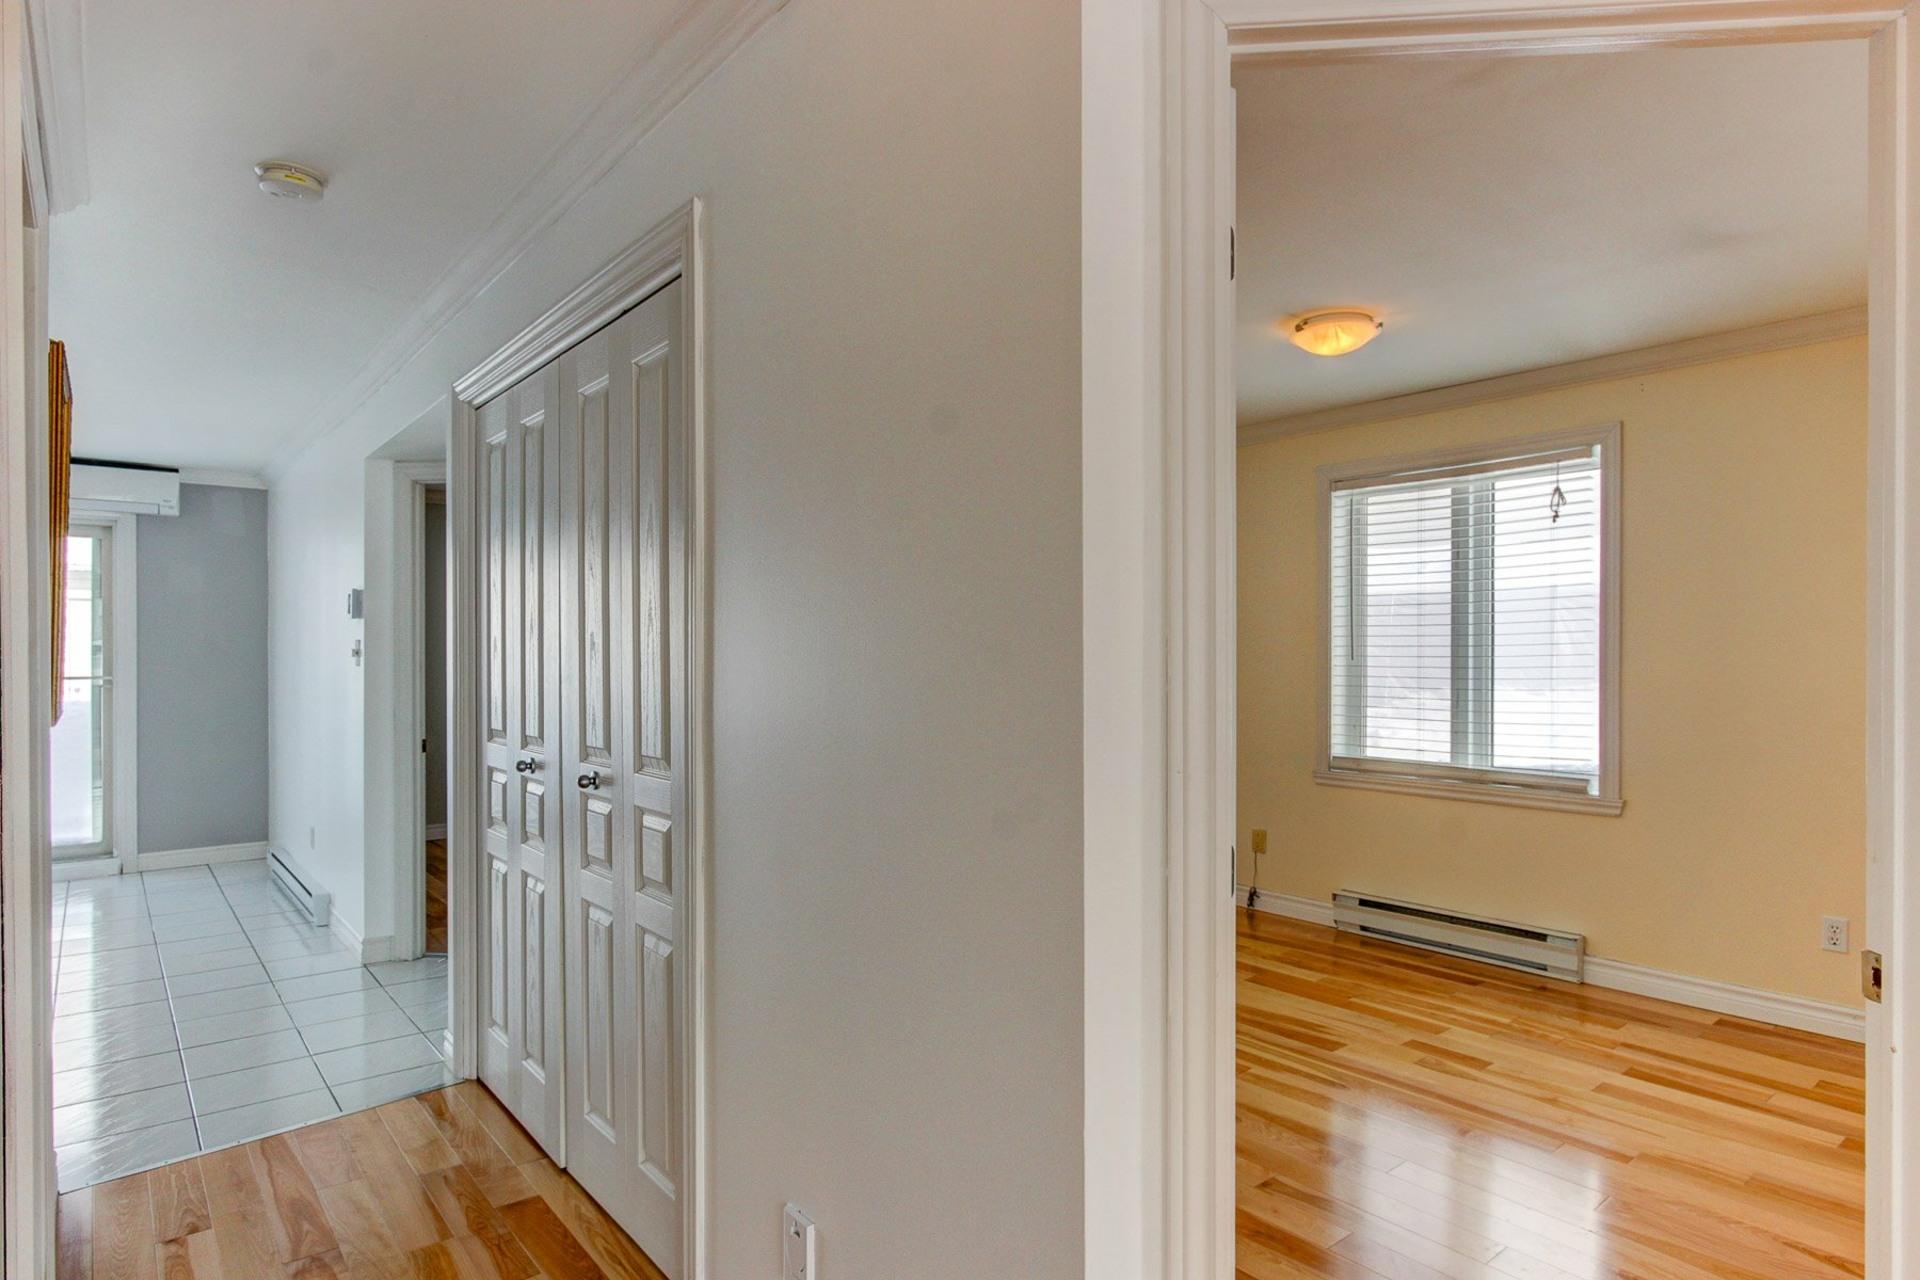 image 8 - Appartement À vendre Trois-Rivières - 6 pièces